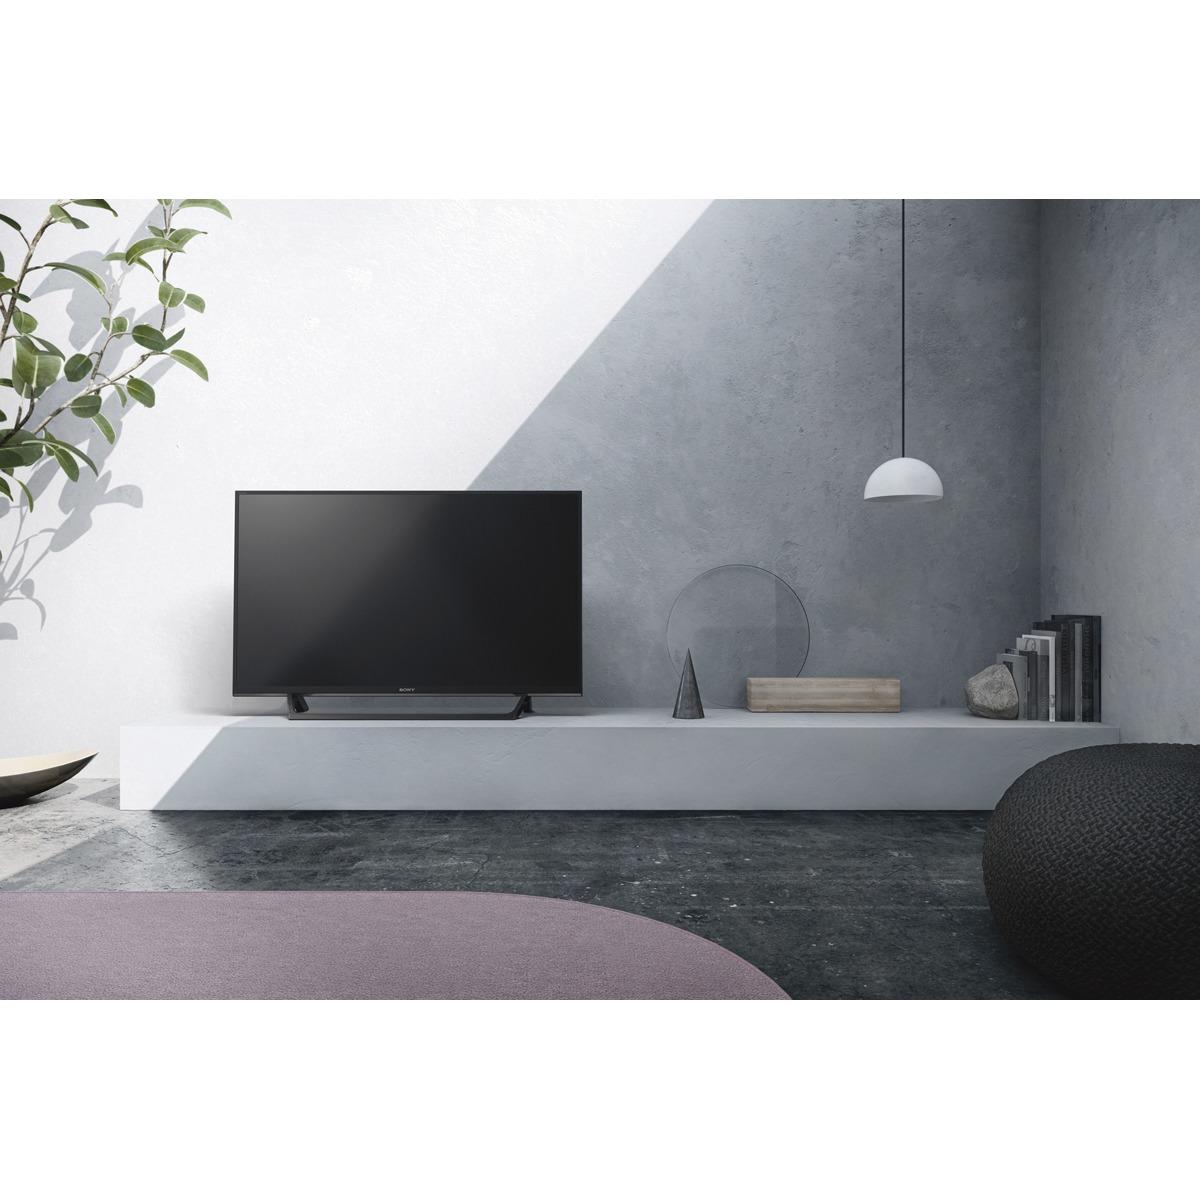 Sony KDL-40WE660 un SmartTV básico con buena calidad de imagen